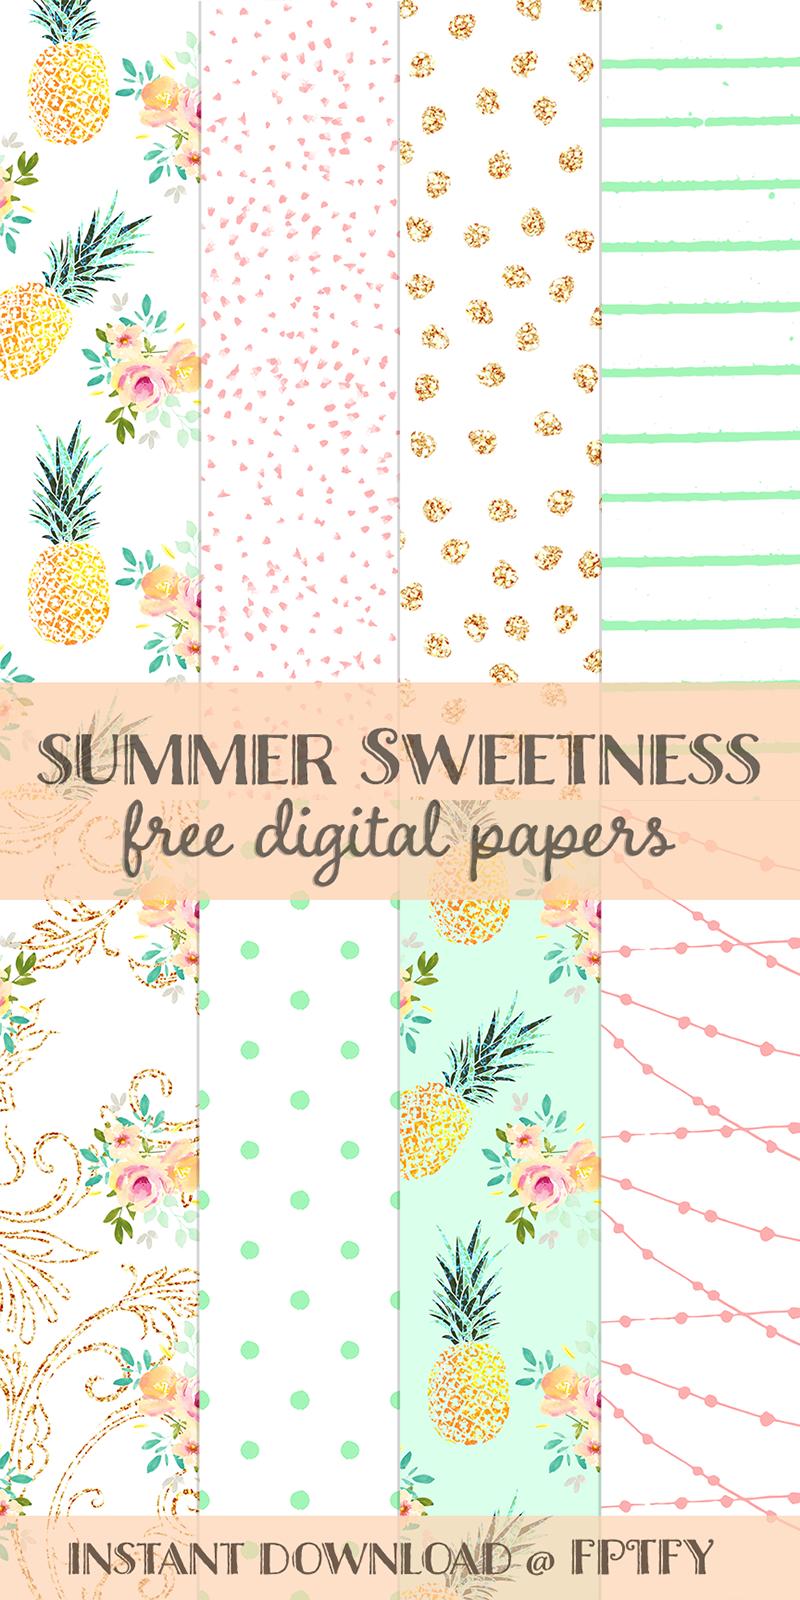 Free Summer Sweetness Digital Paper | Best Free Digital Goods - Free Online Digital Scrapbooking Printable